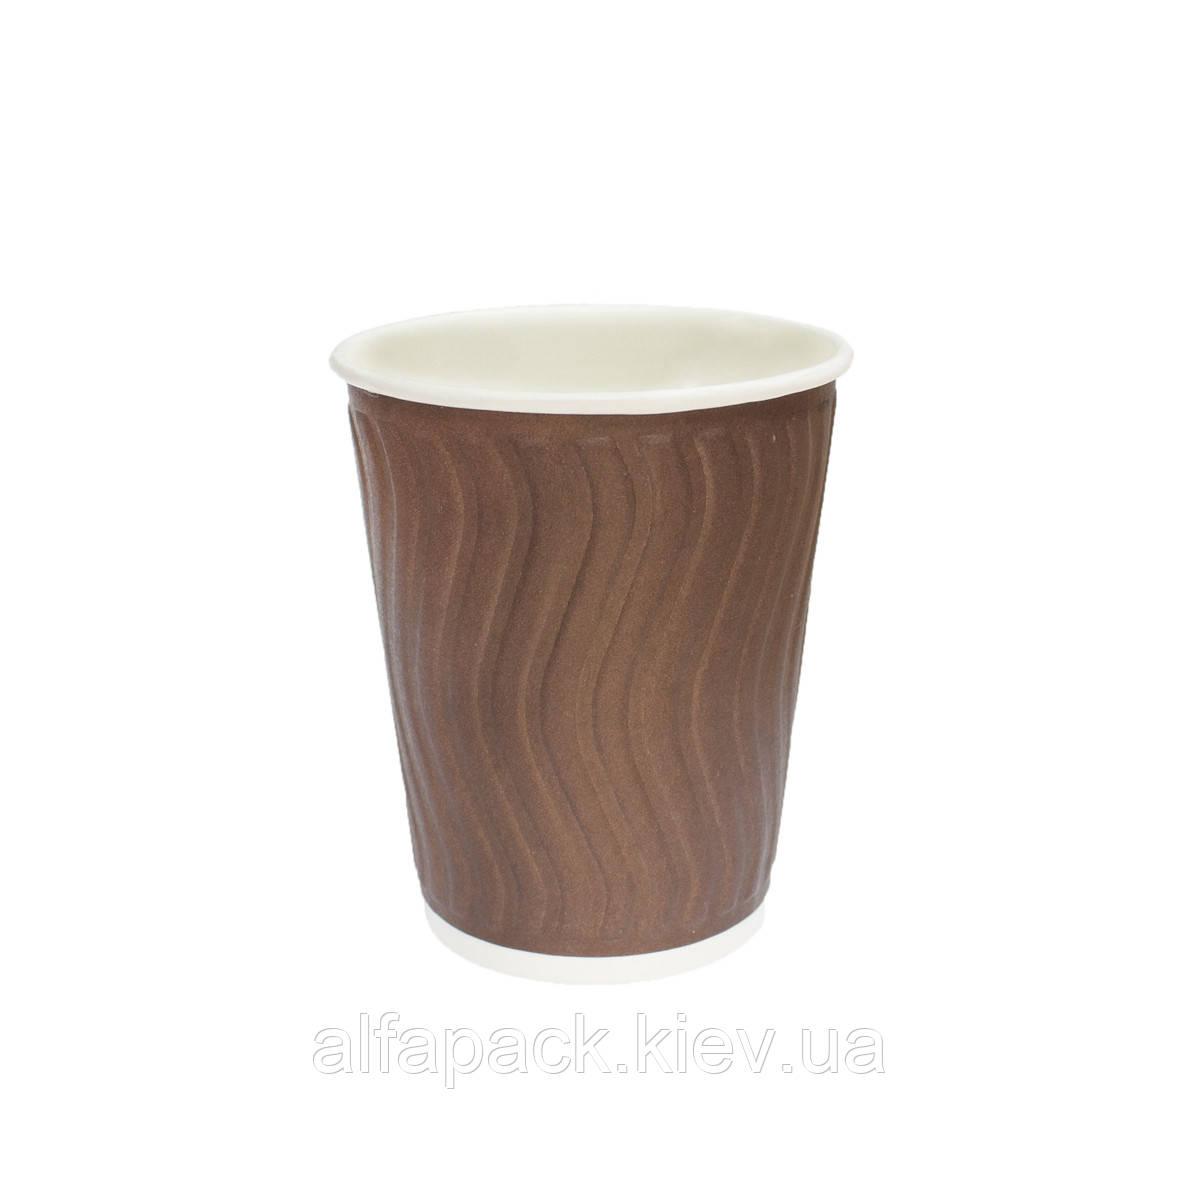 Гофрированный стакан волна коричневый 500 мл